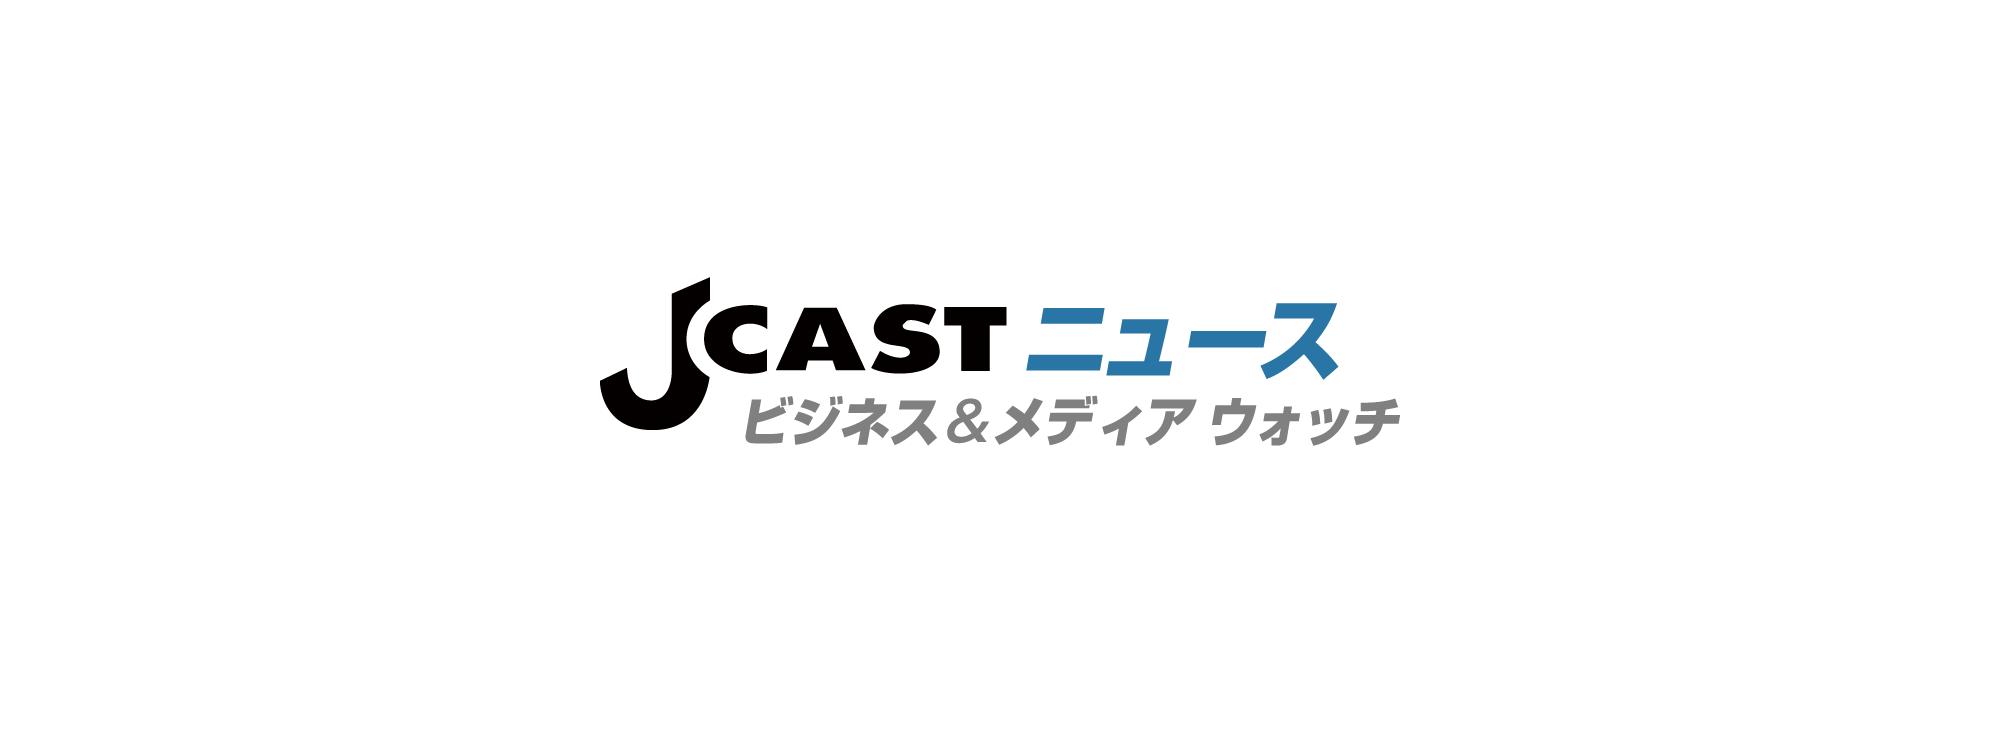 沖縄・那覇UFOは照明弾だった!米海兵隊「うちの所属機が発射したもの」 : J-CASTテレビウォッチ